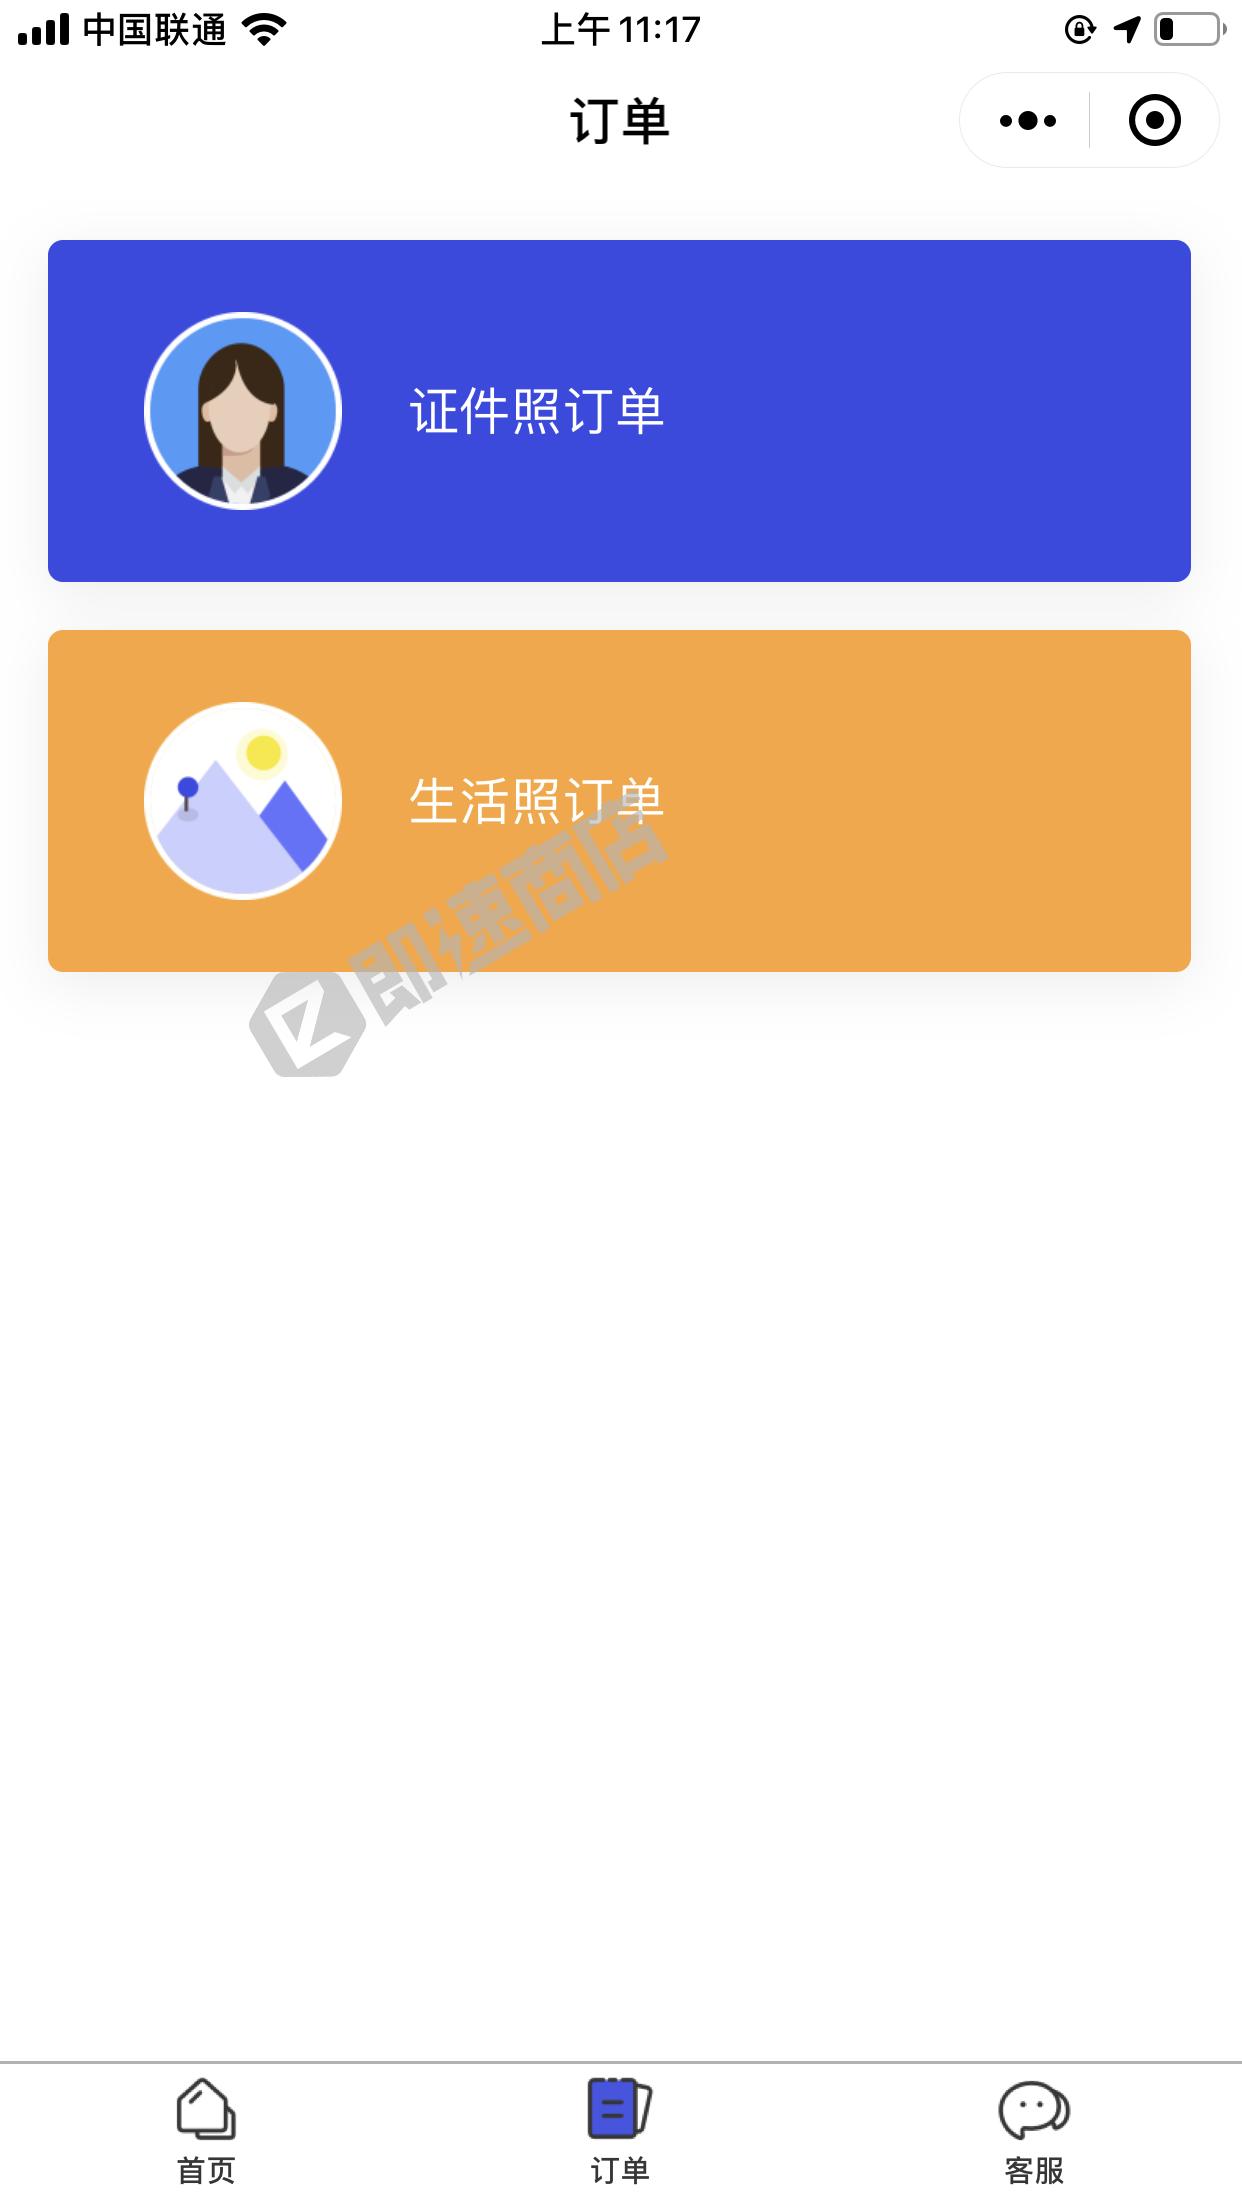 快画证件照小程序详情页截图